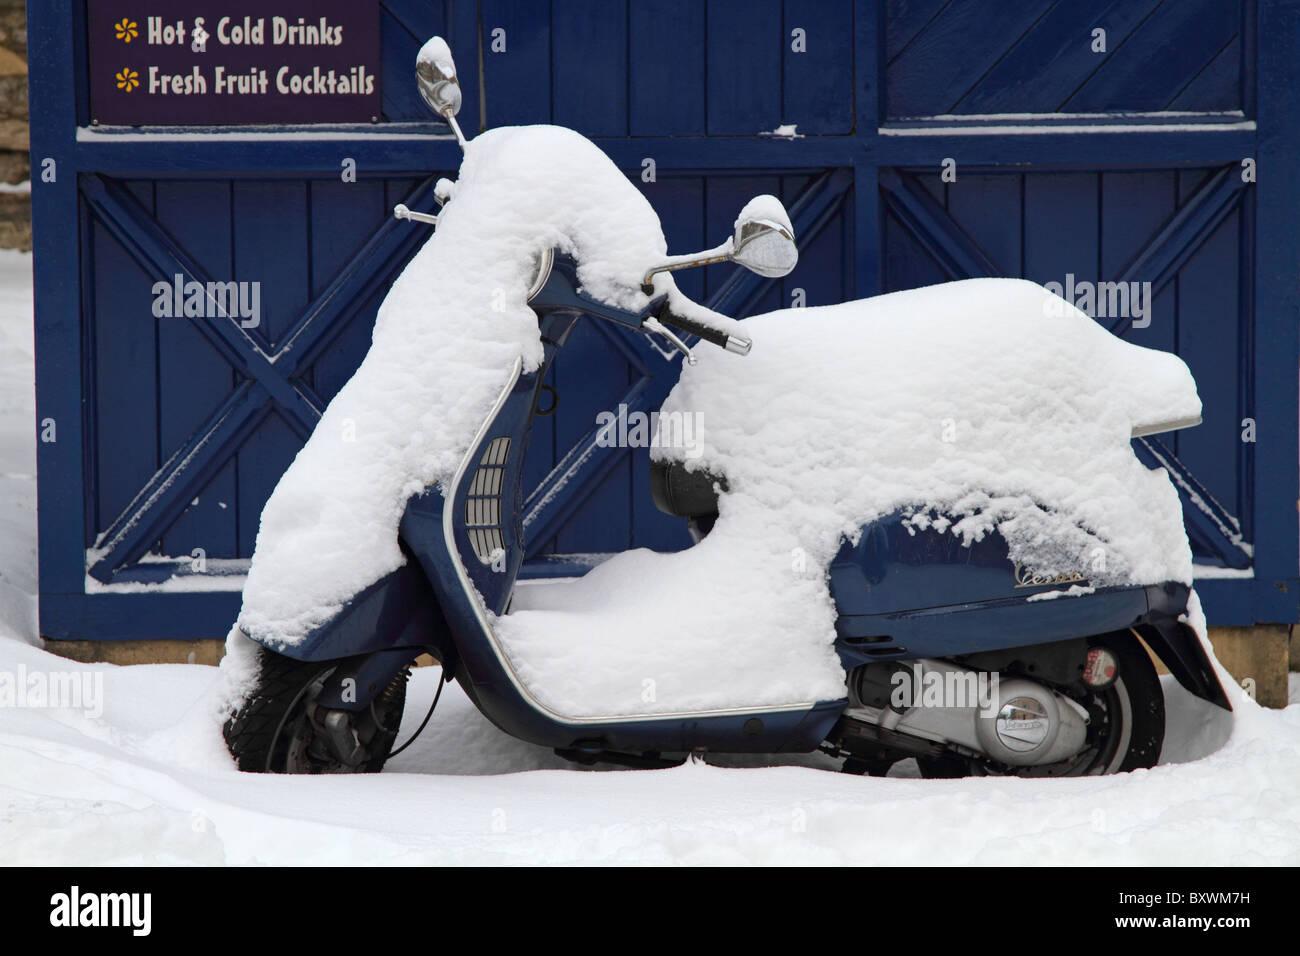 Snowy Vespa scooter de nieve, motos de nieve del vehículo Imagen De Stock